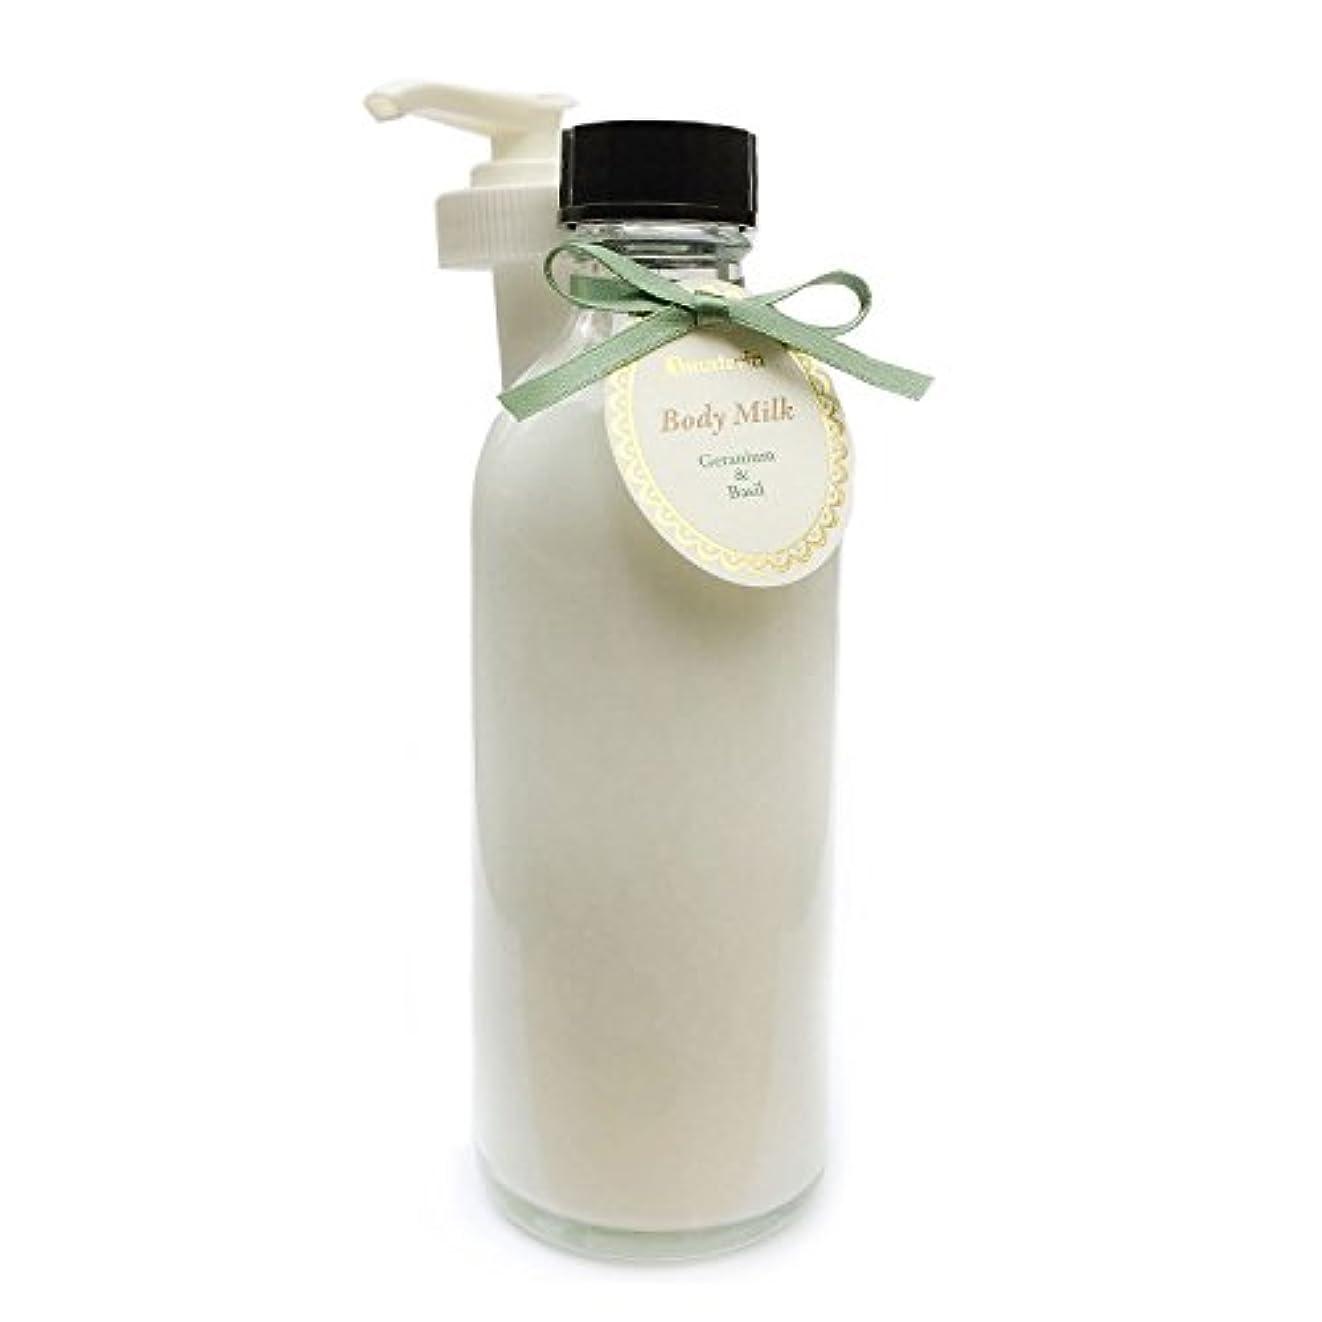 キウイ地域の頑丈D materia ボディミルク ゼラニウム&バジル Geranium&Basil Body Milk ディーマテリア